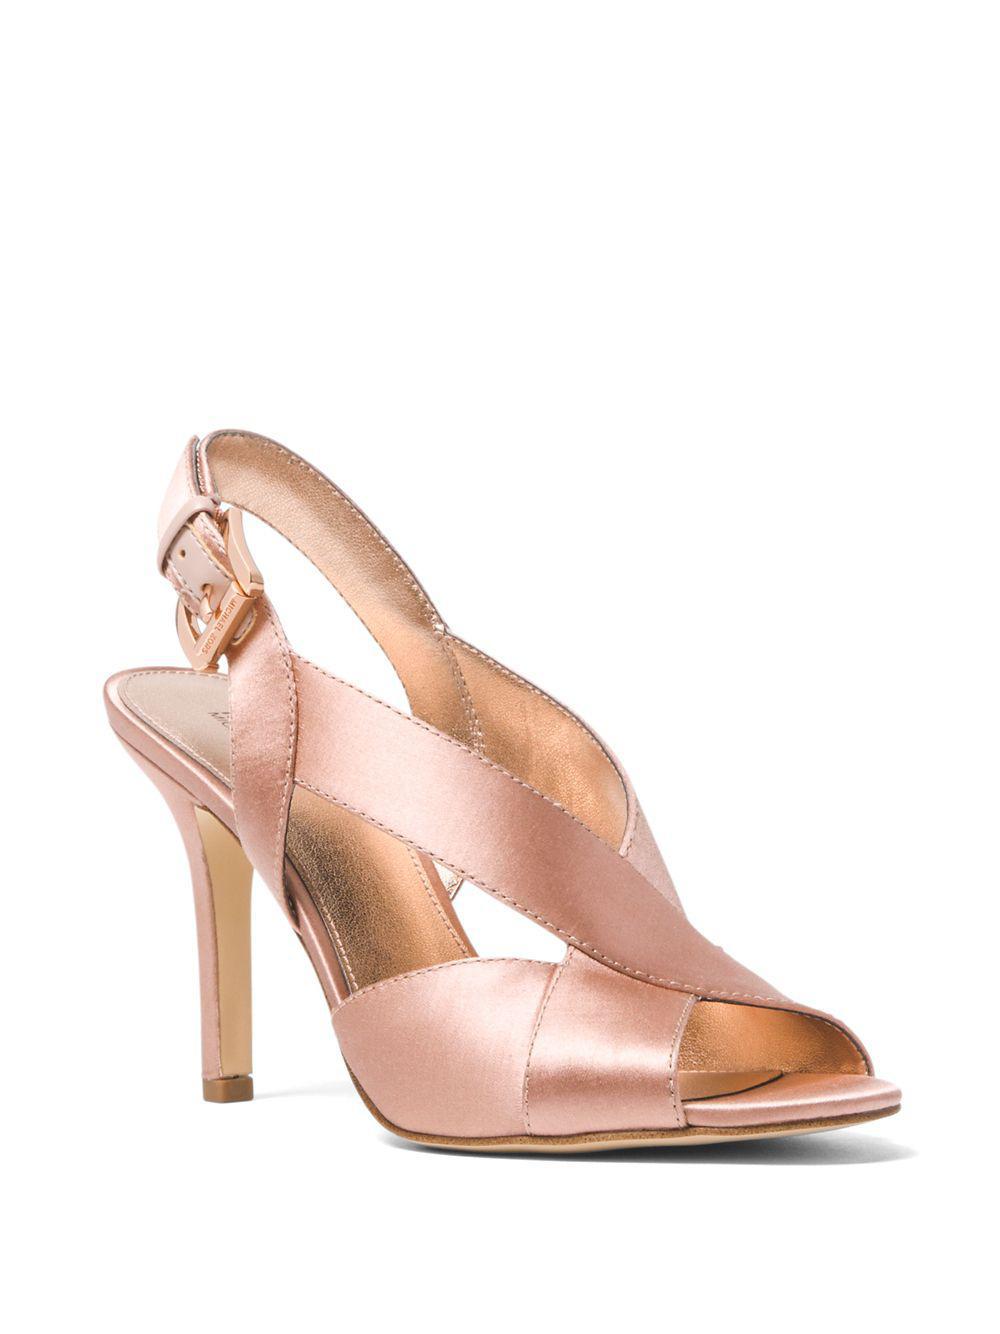 110342257d04 Michael Michael Kors Becky Crisscross Fabric Slingback Sandals in ...